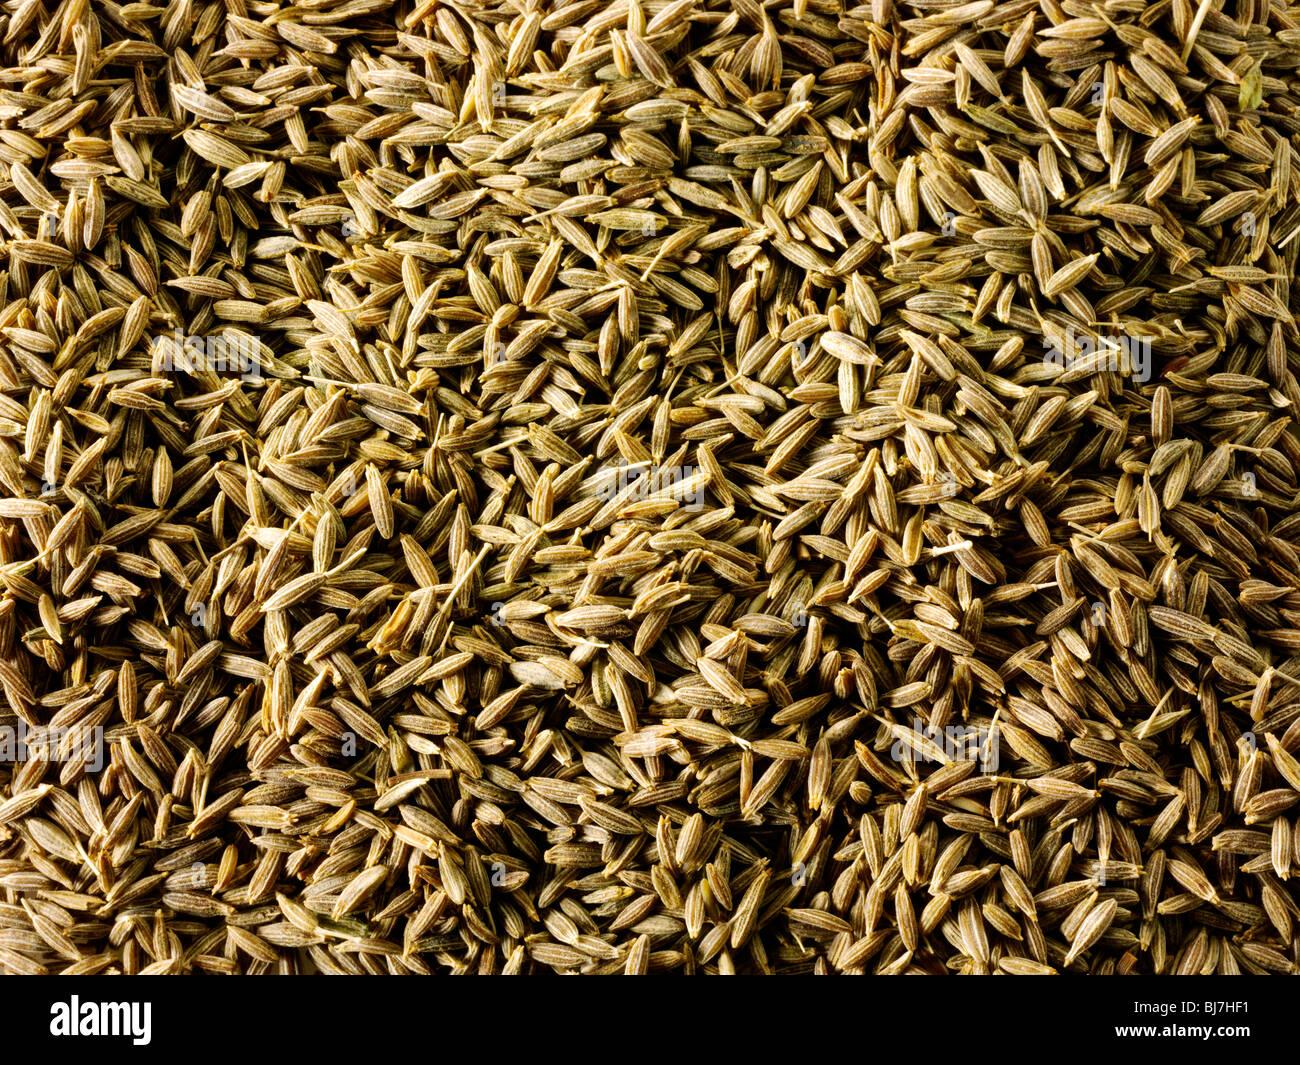 Conjunto de semillas de comino, cerca de fotograma completo Imagen De Stock